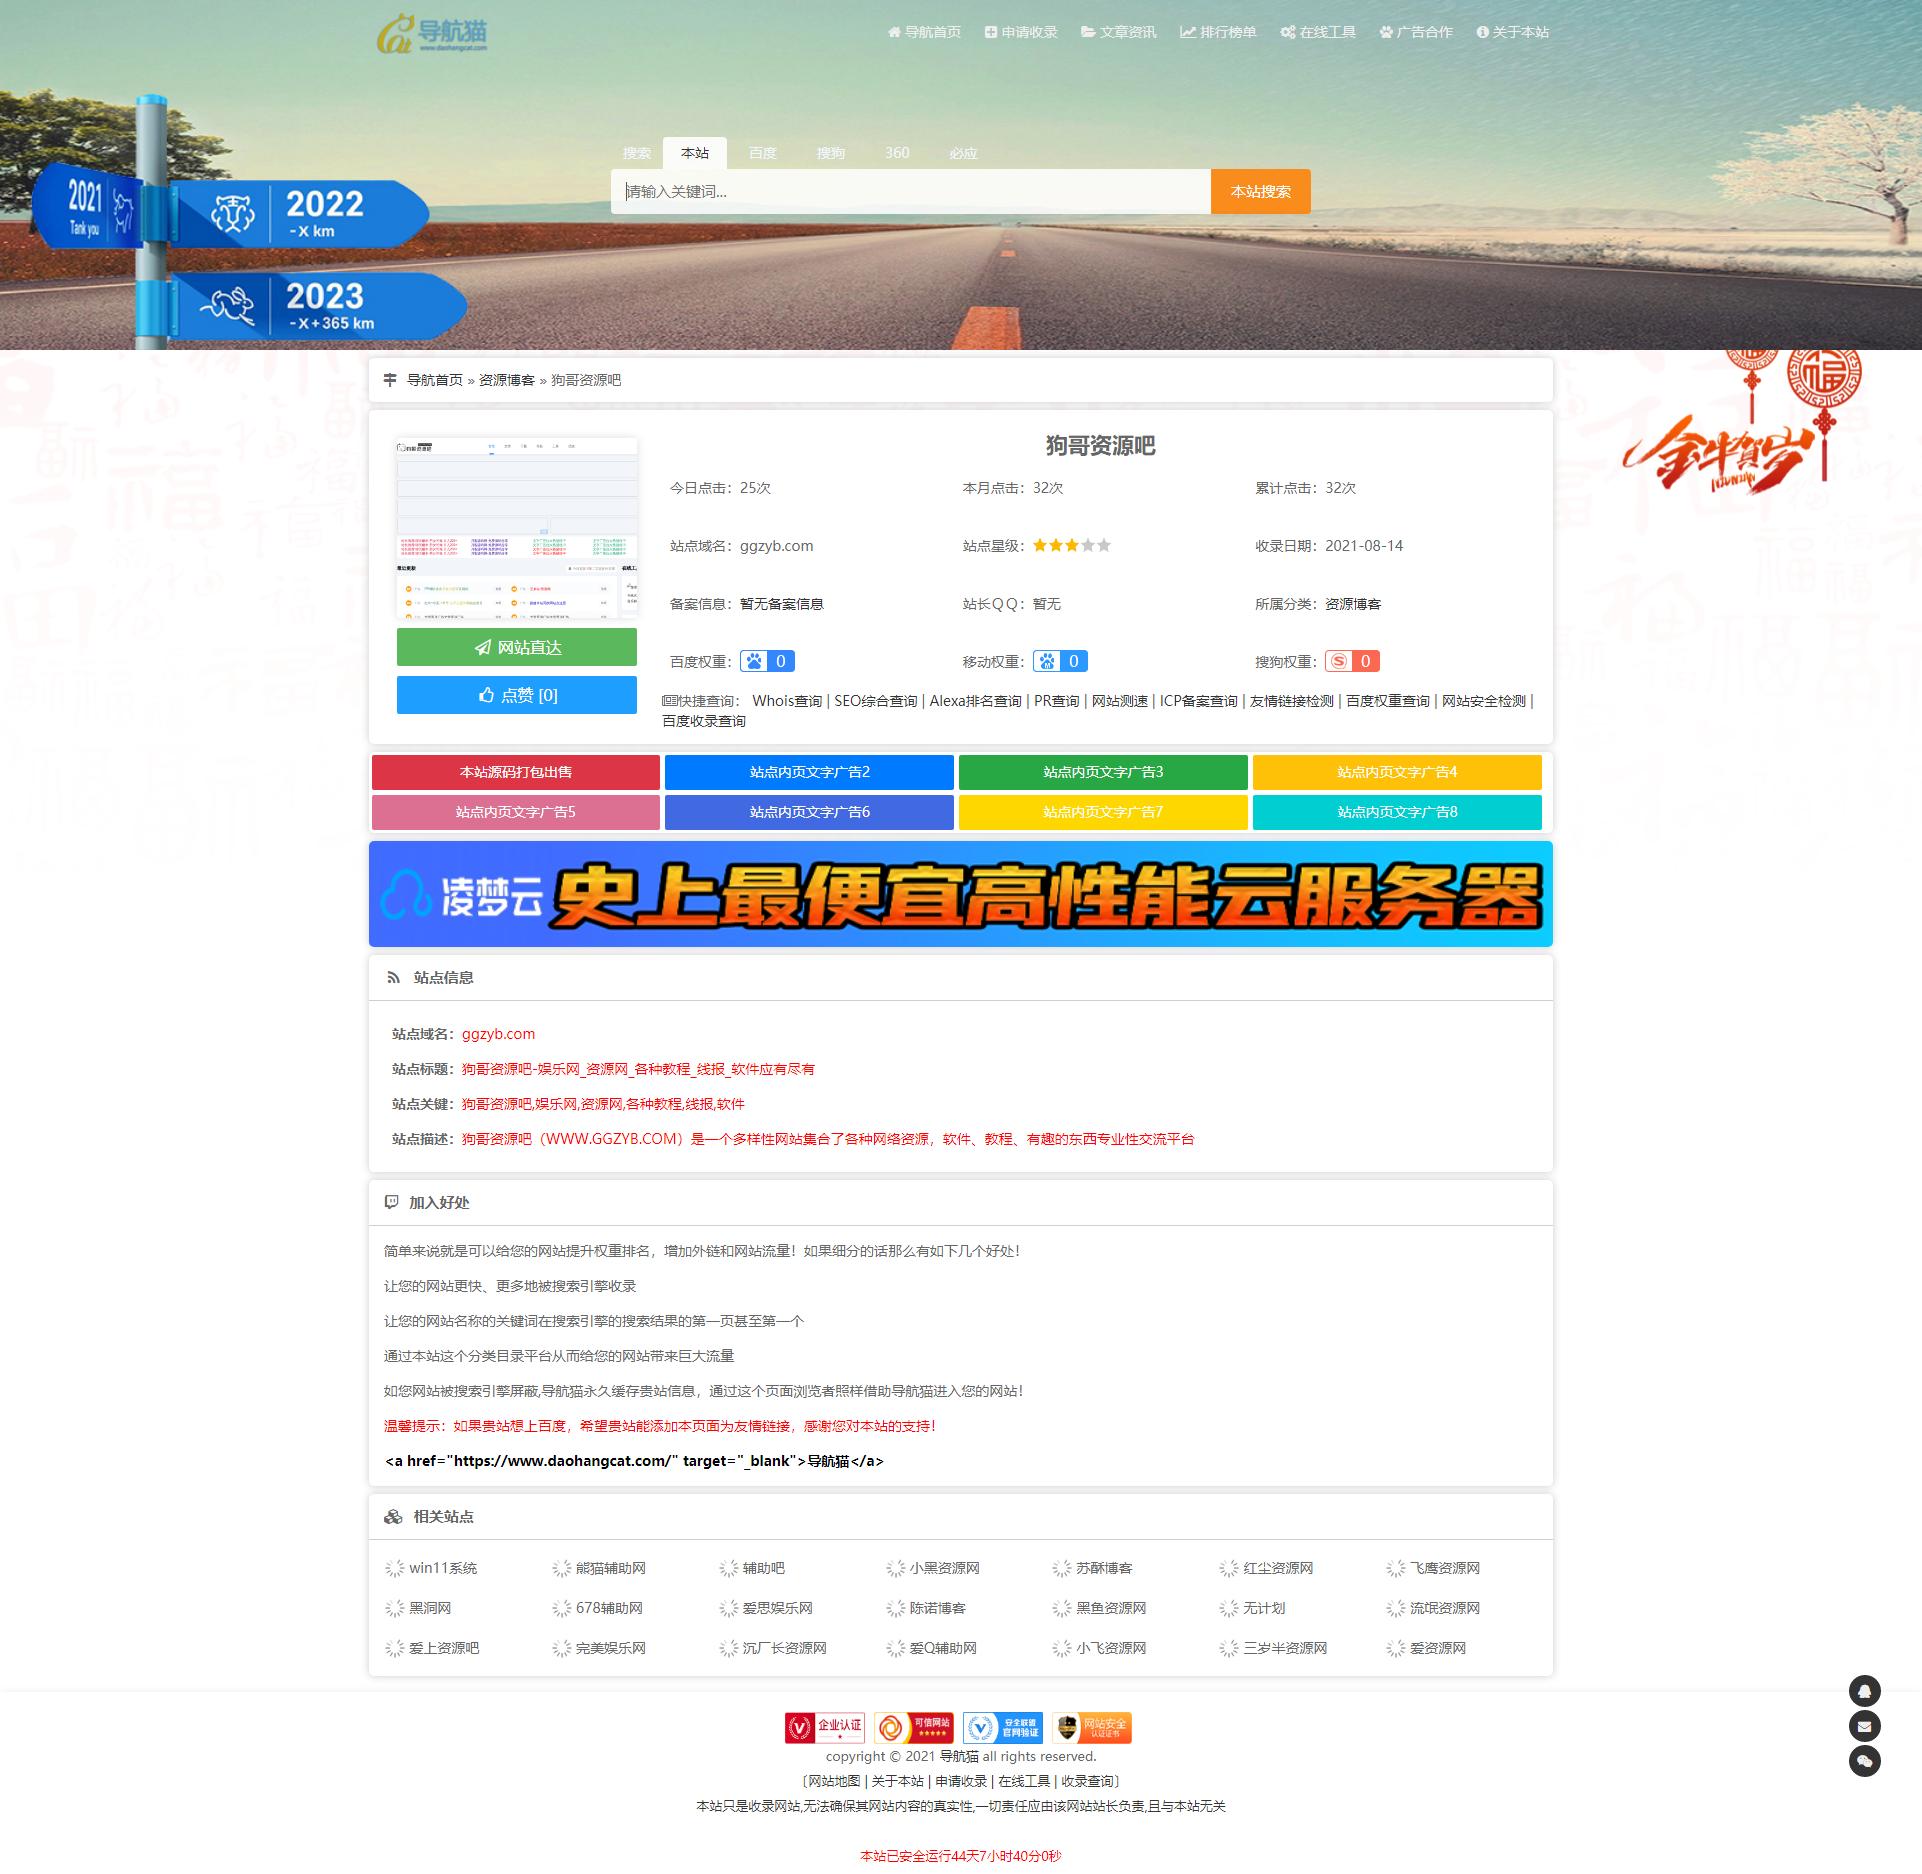 免费丨PHP导航猫导航系统网站源码免费下载